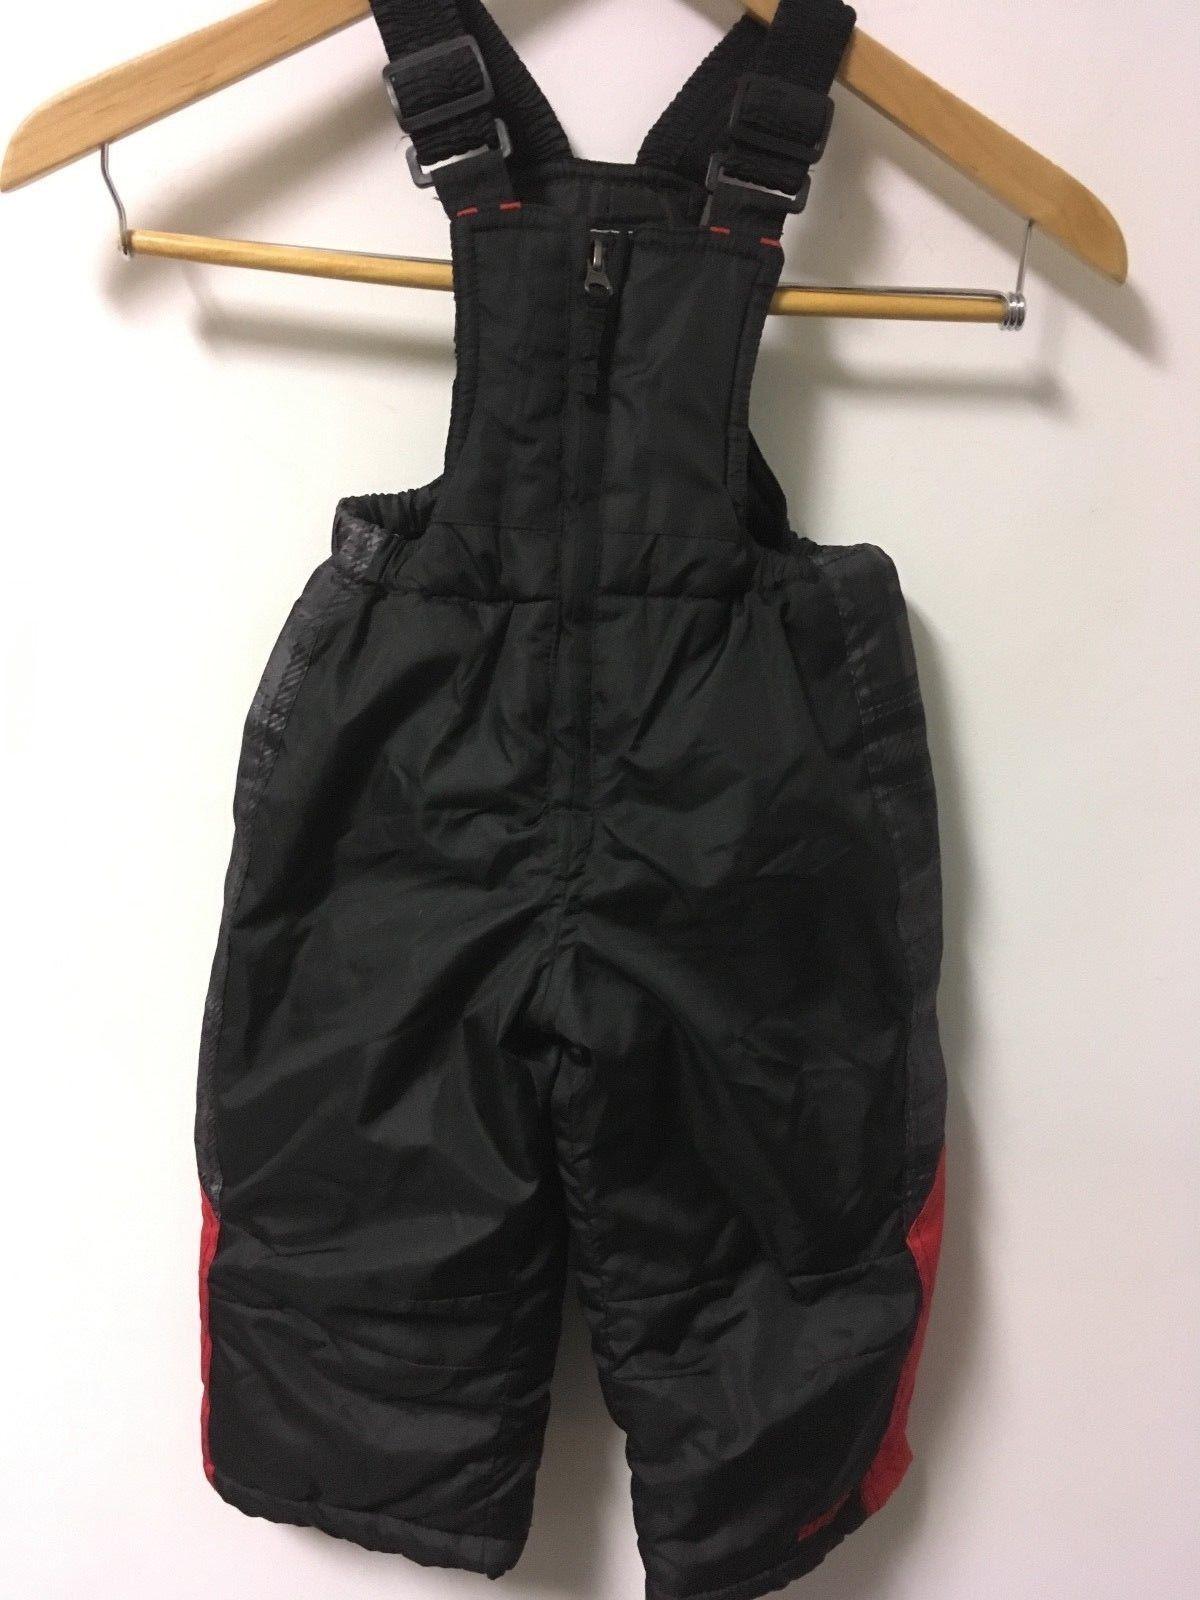 3c1f4f185 Pacific Trail Zip Up Ski Snow Bib 100% and 50 similar items